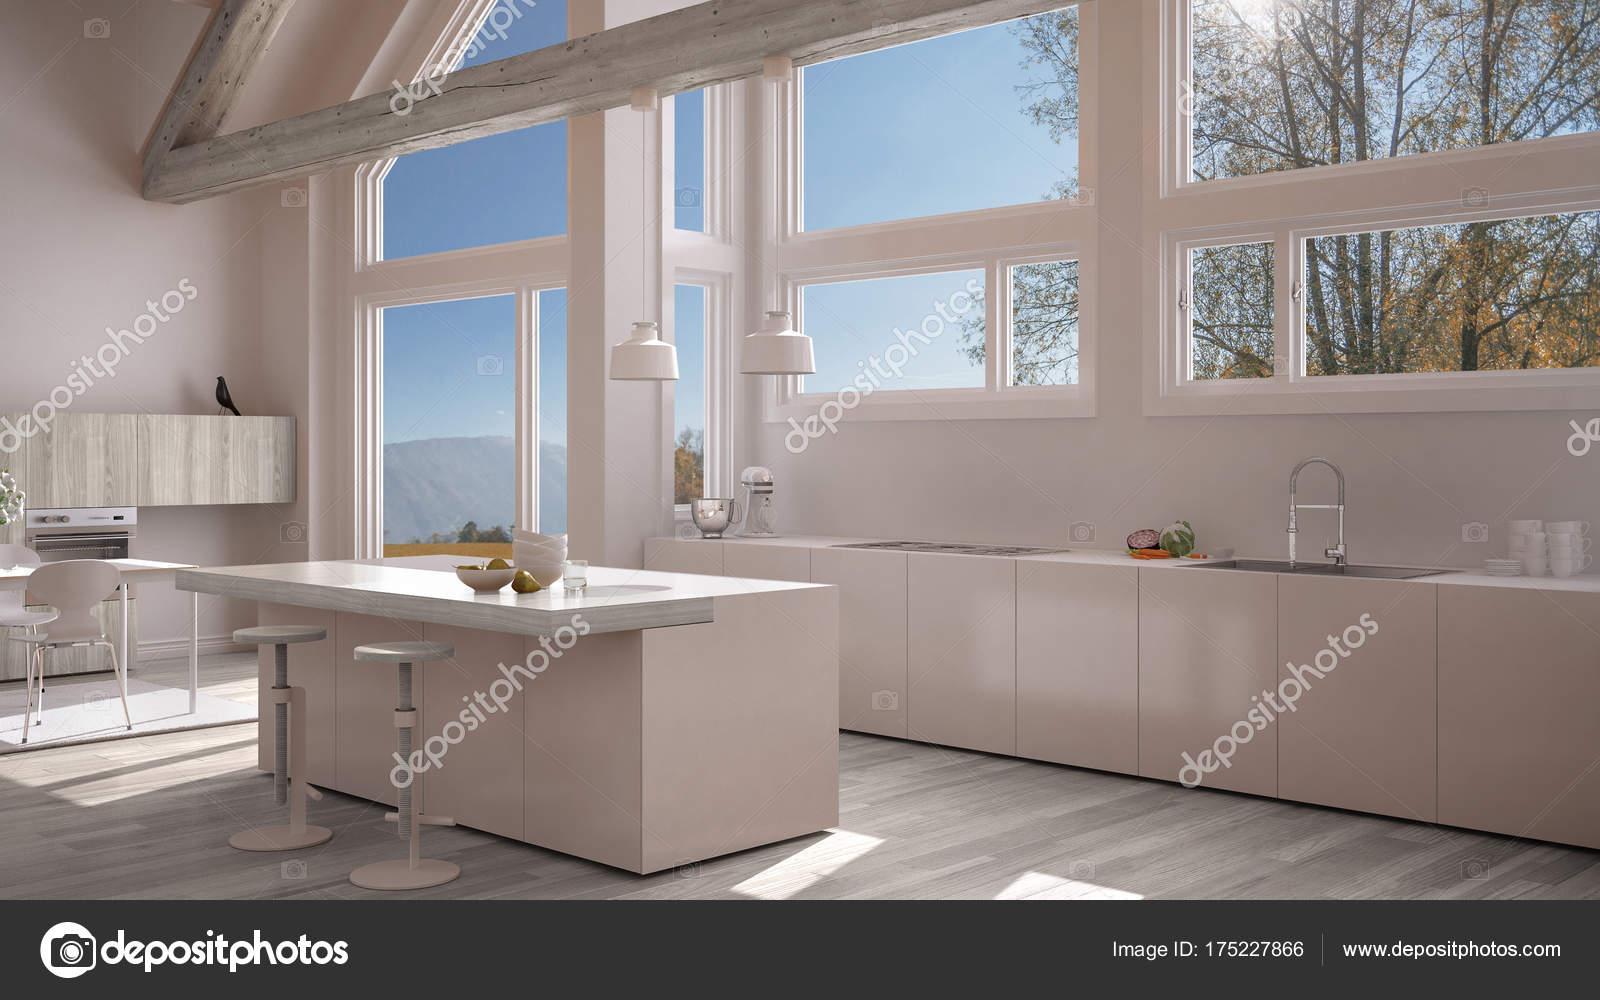 Cozinha Moderna Em Villa Cl Ssica Loft Grandes Janelas Panor Micas